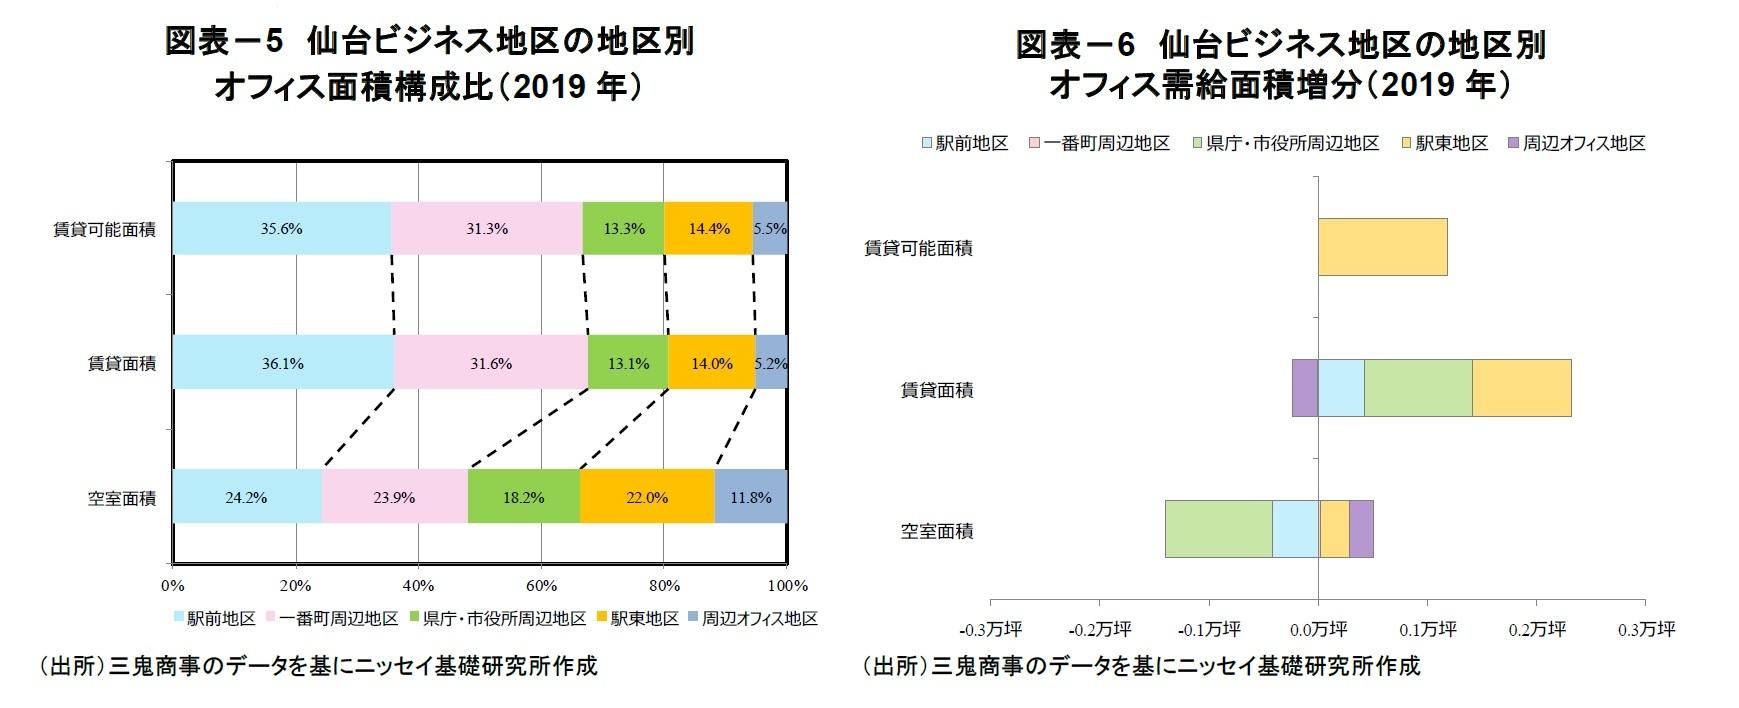 図表-5 仙台ビジネス地区の地区別オフィス面積構成比(2019年)/図表-6 仙台ビジネス地区の地区別オフィス需給面積増分(2019年)